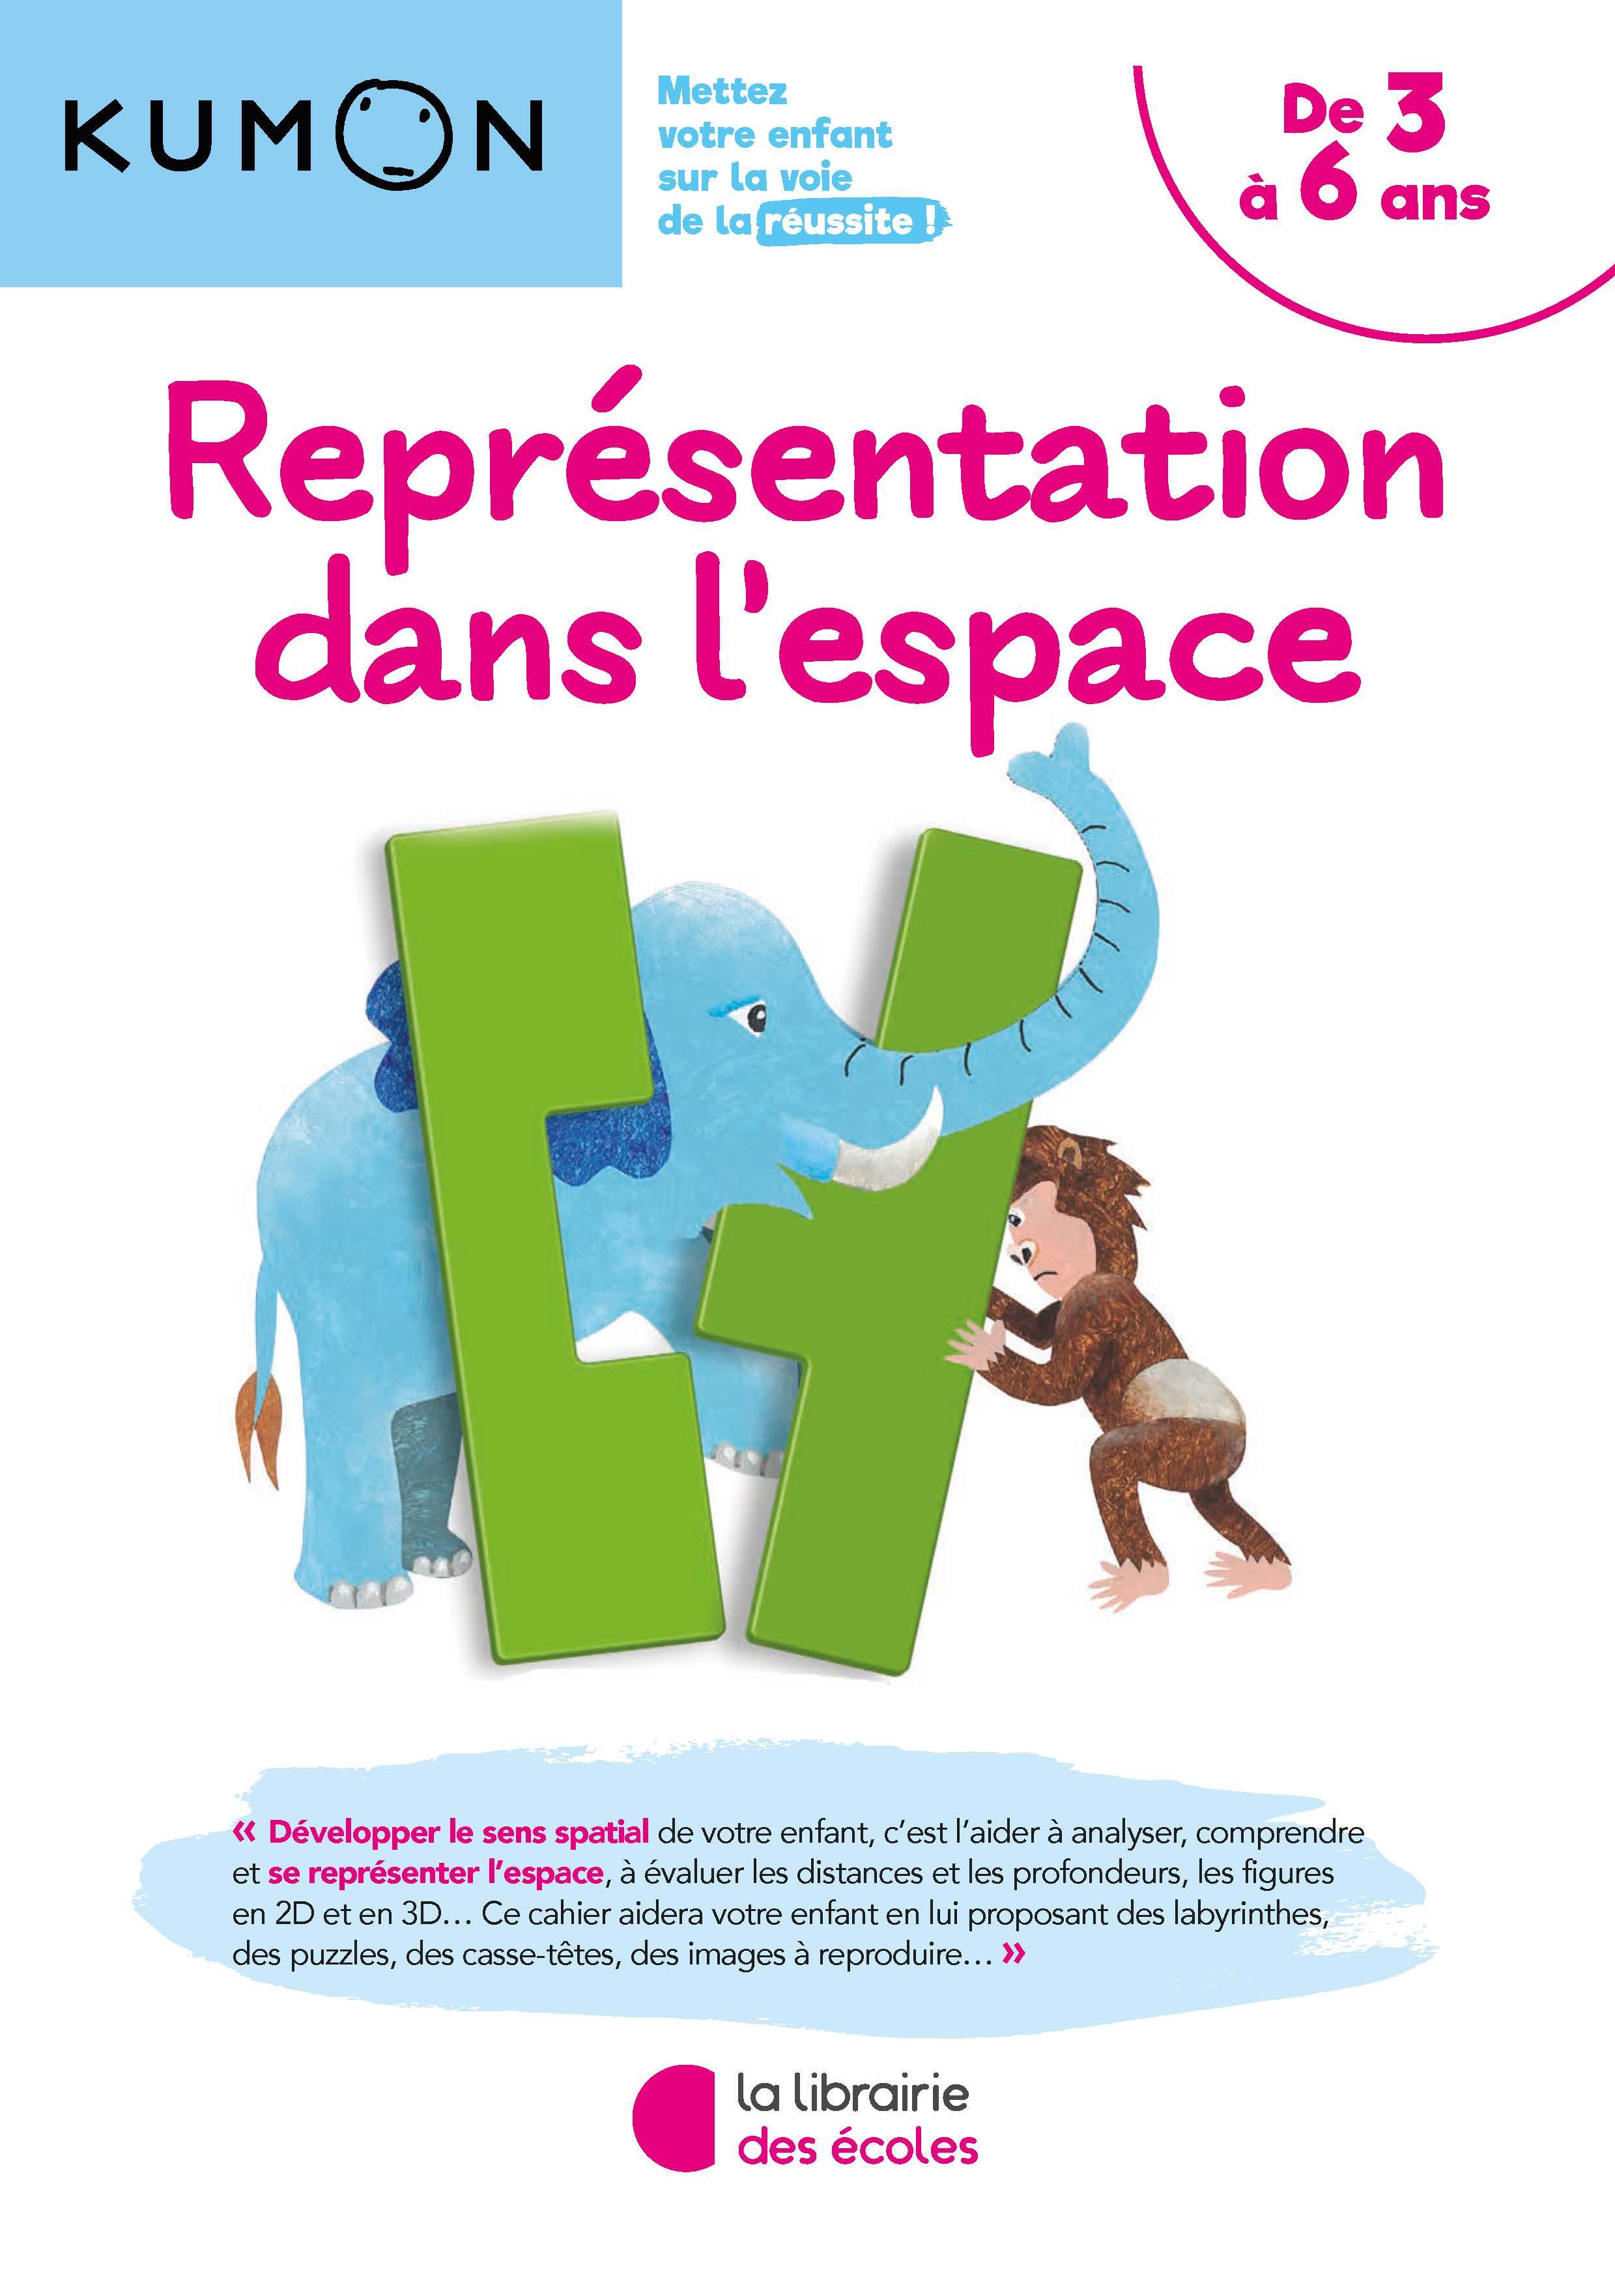 Coloriage Reperage Dans Lespace.Methode Kumon Representation Dans L Espace La Librairie Des Ecoles